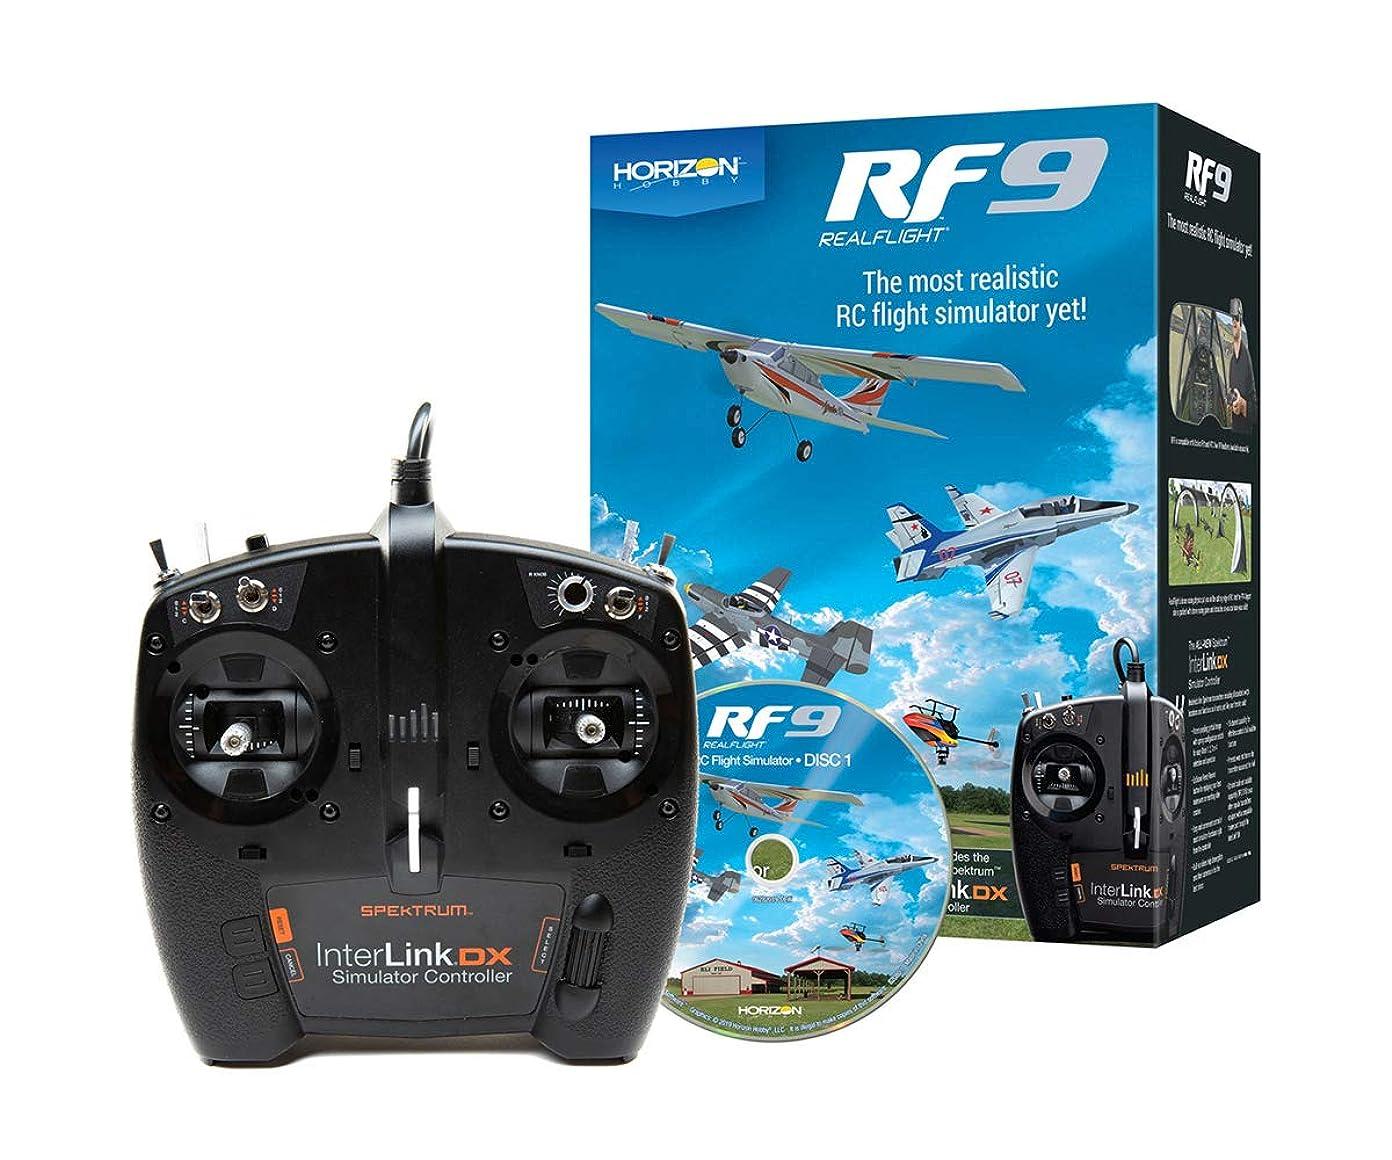 デッドロック正気干渉MALTA★リアルフライト9 送信機型USBコントローラー付属 HORIZON版 RCフライトシミュレーター Real Flight 9 Horizon Hobby Edition / RF9